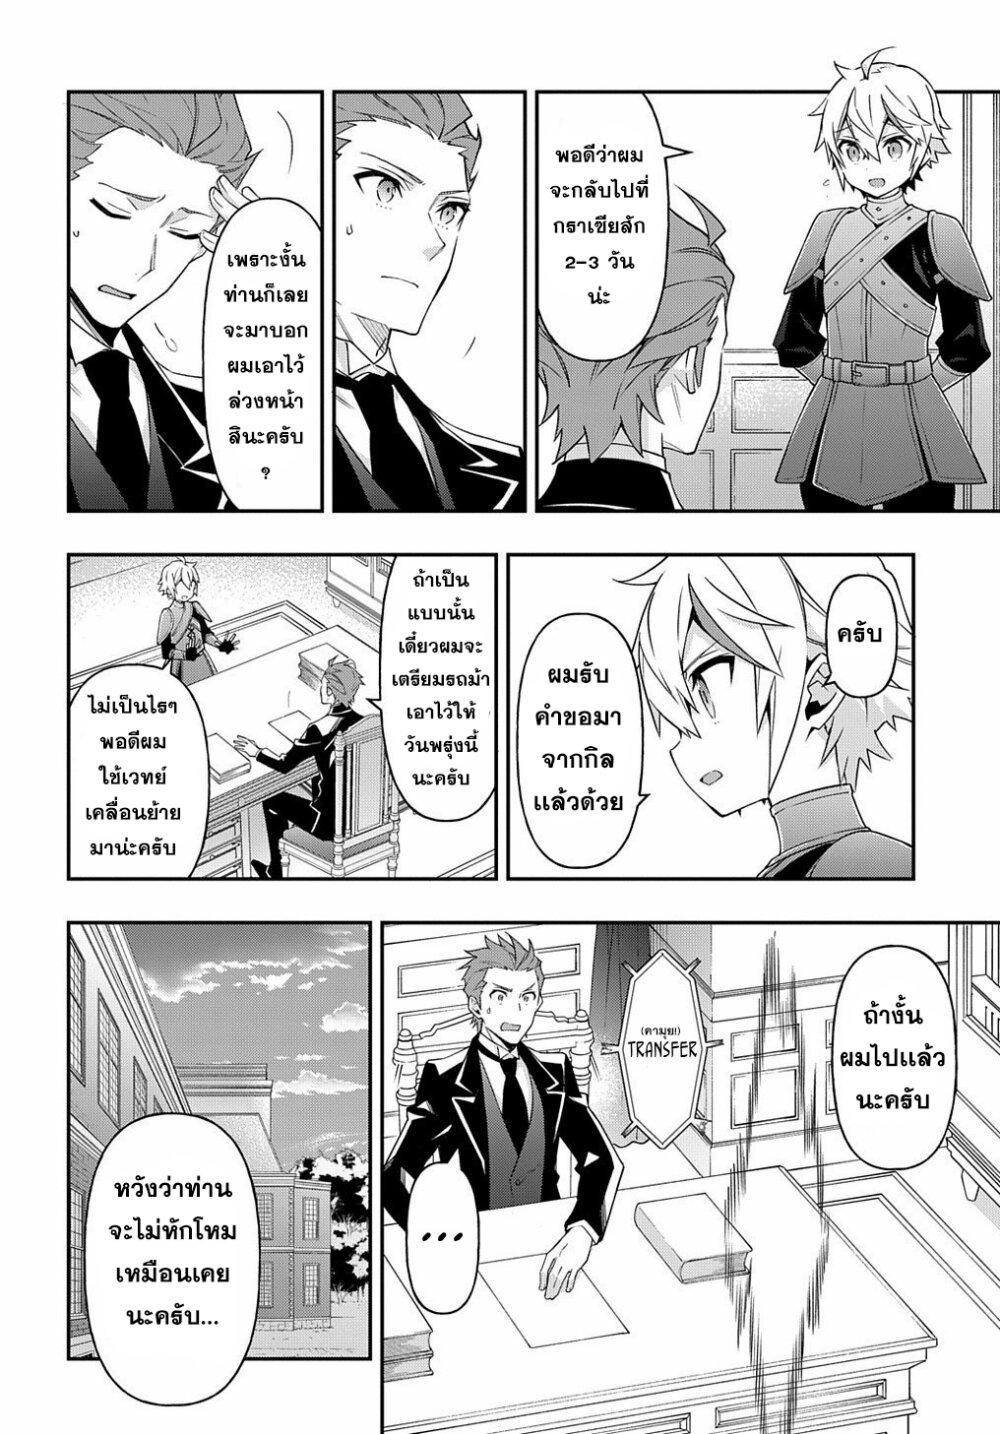 อ่านการ์ตูน Tensei Kizoku no Isekai Boukenroku ~Jichou wo Shiranai Kamigami no Shito~ ตอนที่ 29 หน้าที่ 28